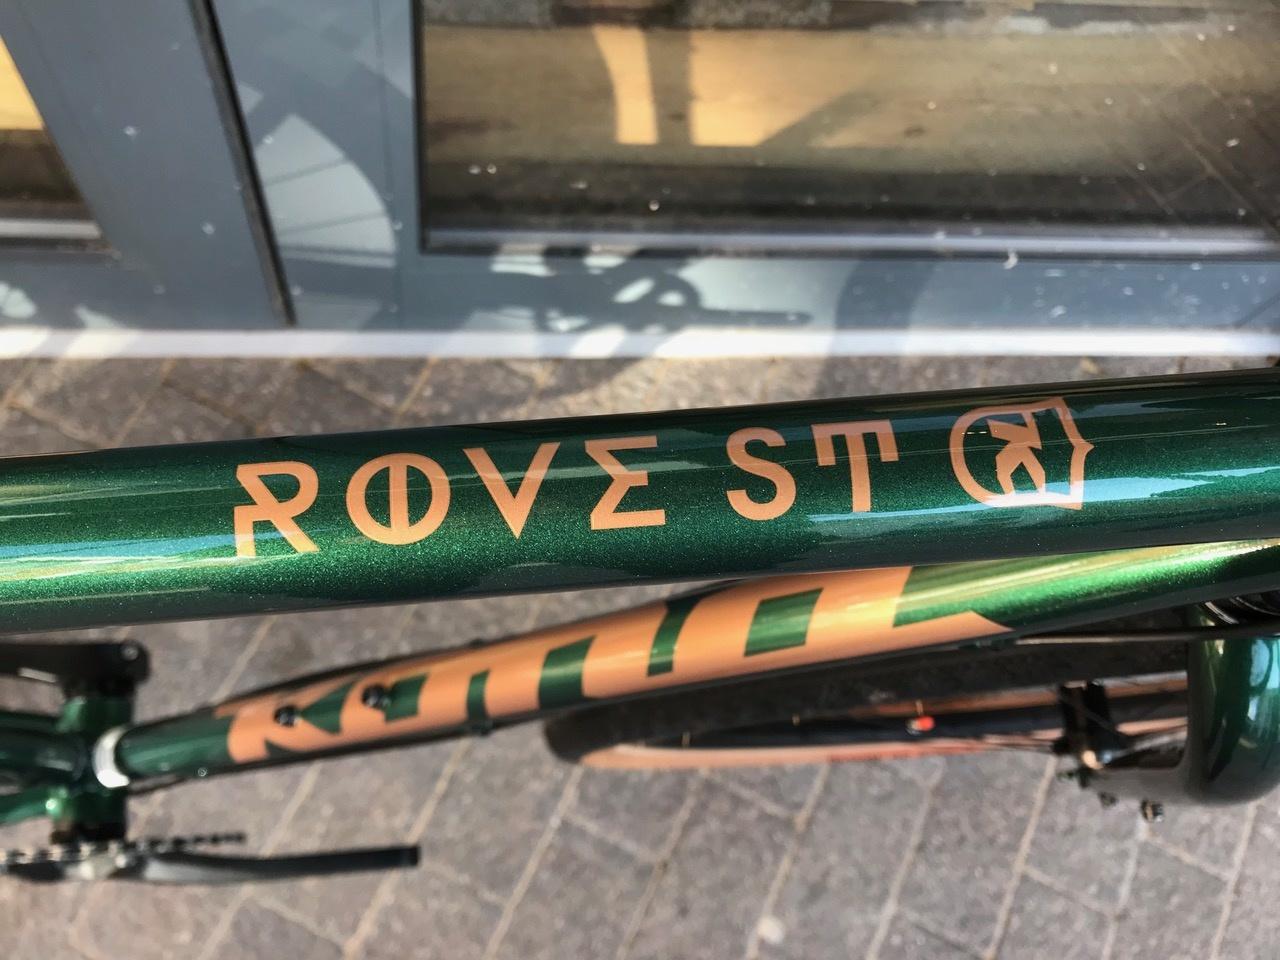 Kona Rove ST 2019 Custom Build with GRX groupset 52cm